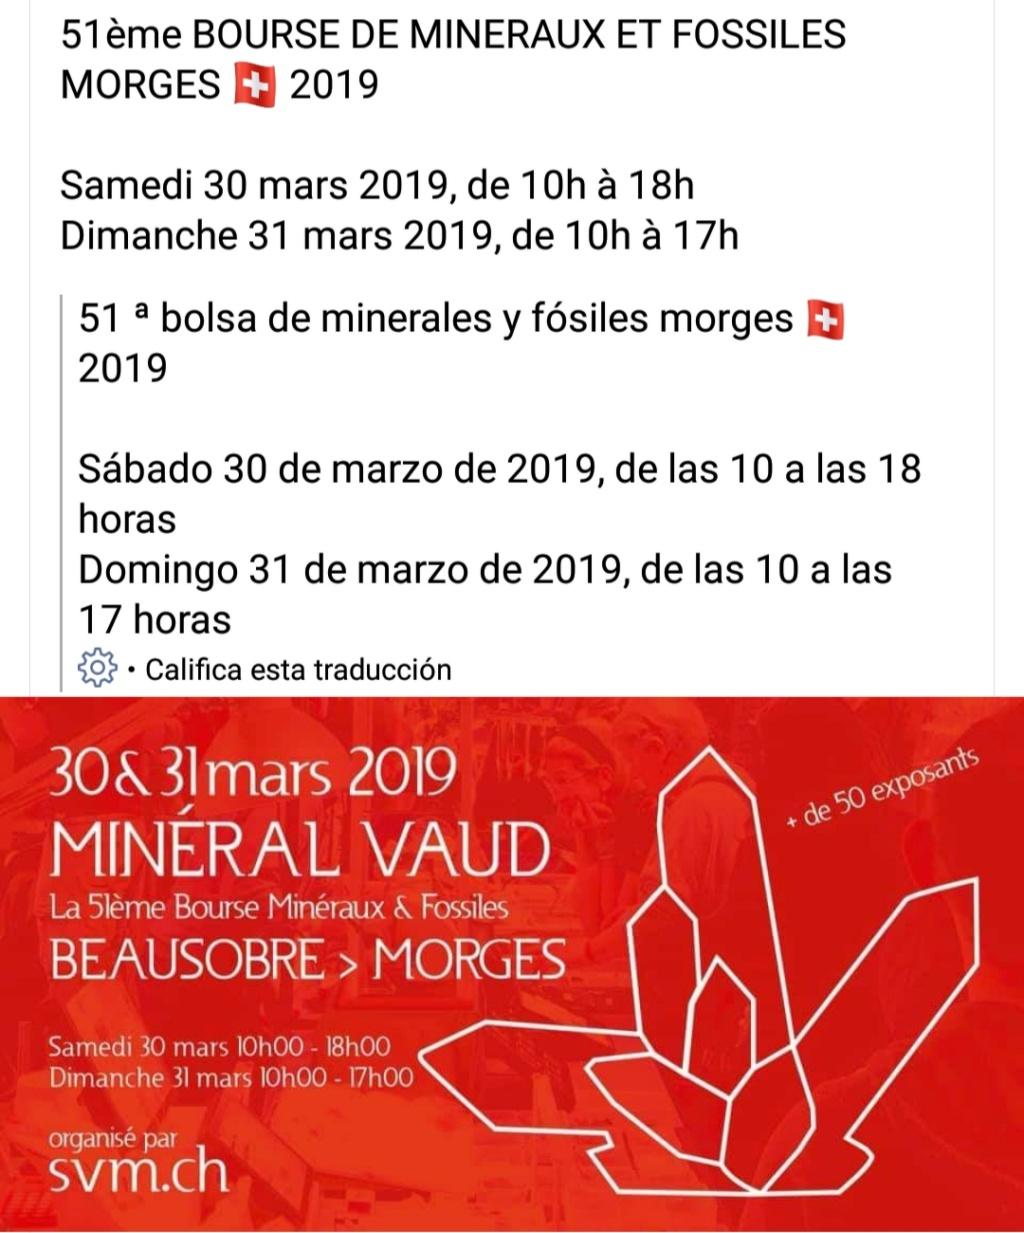 Ferias y eventos de Marzo 2019 20190229